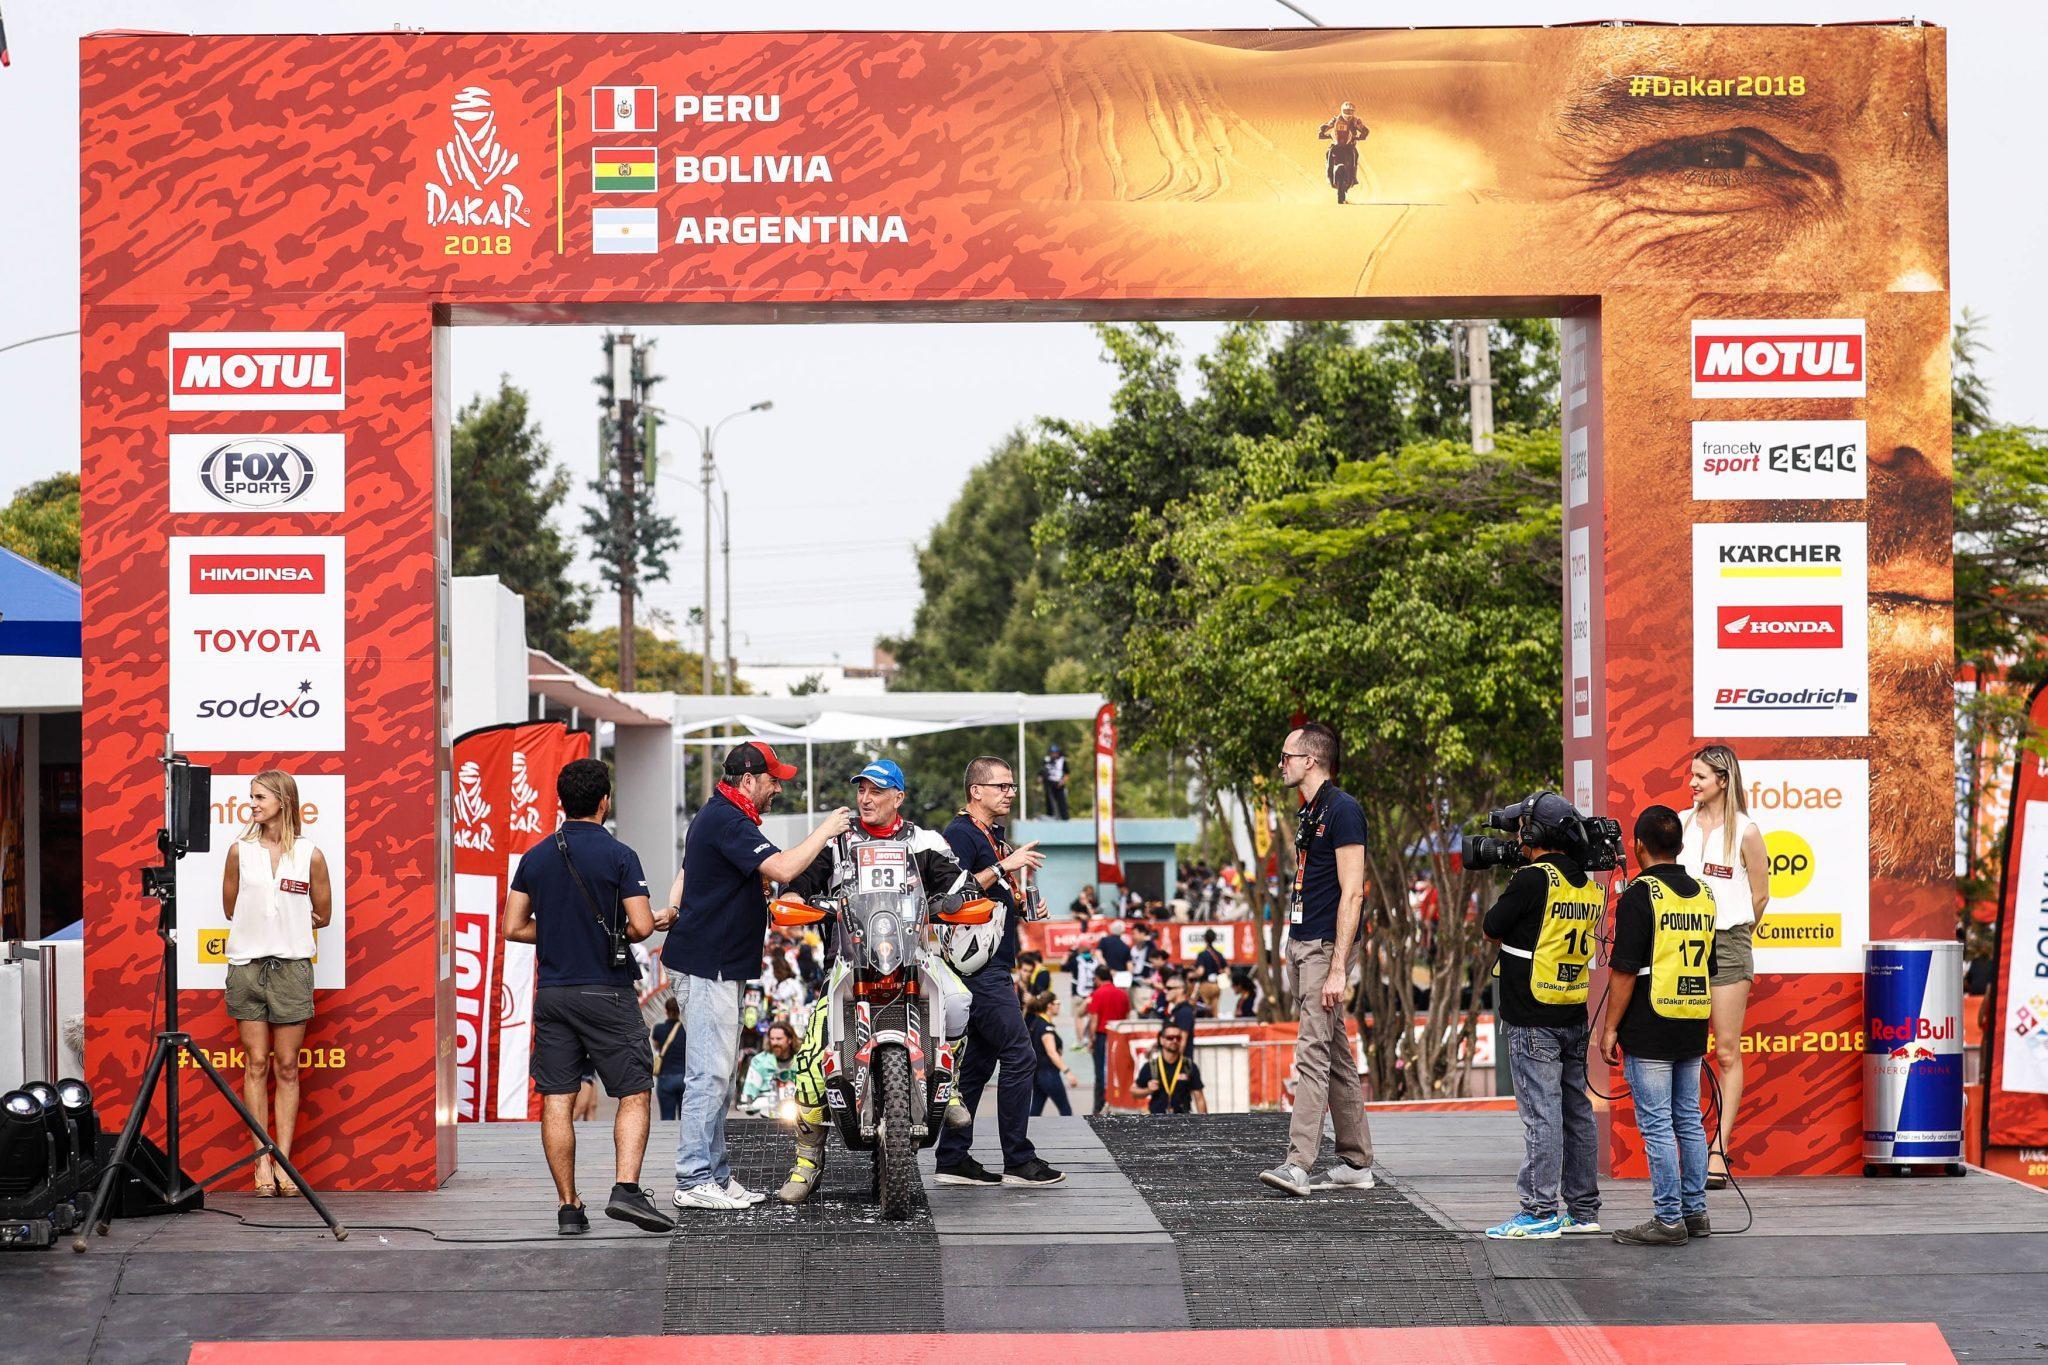 CHUS PURAS concluyó la primera etapa en la posición número 66 -de las 139 motos que tomaron la salida